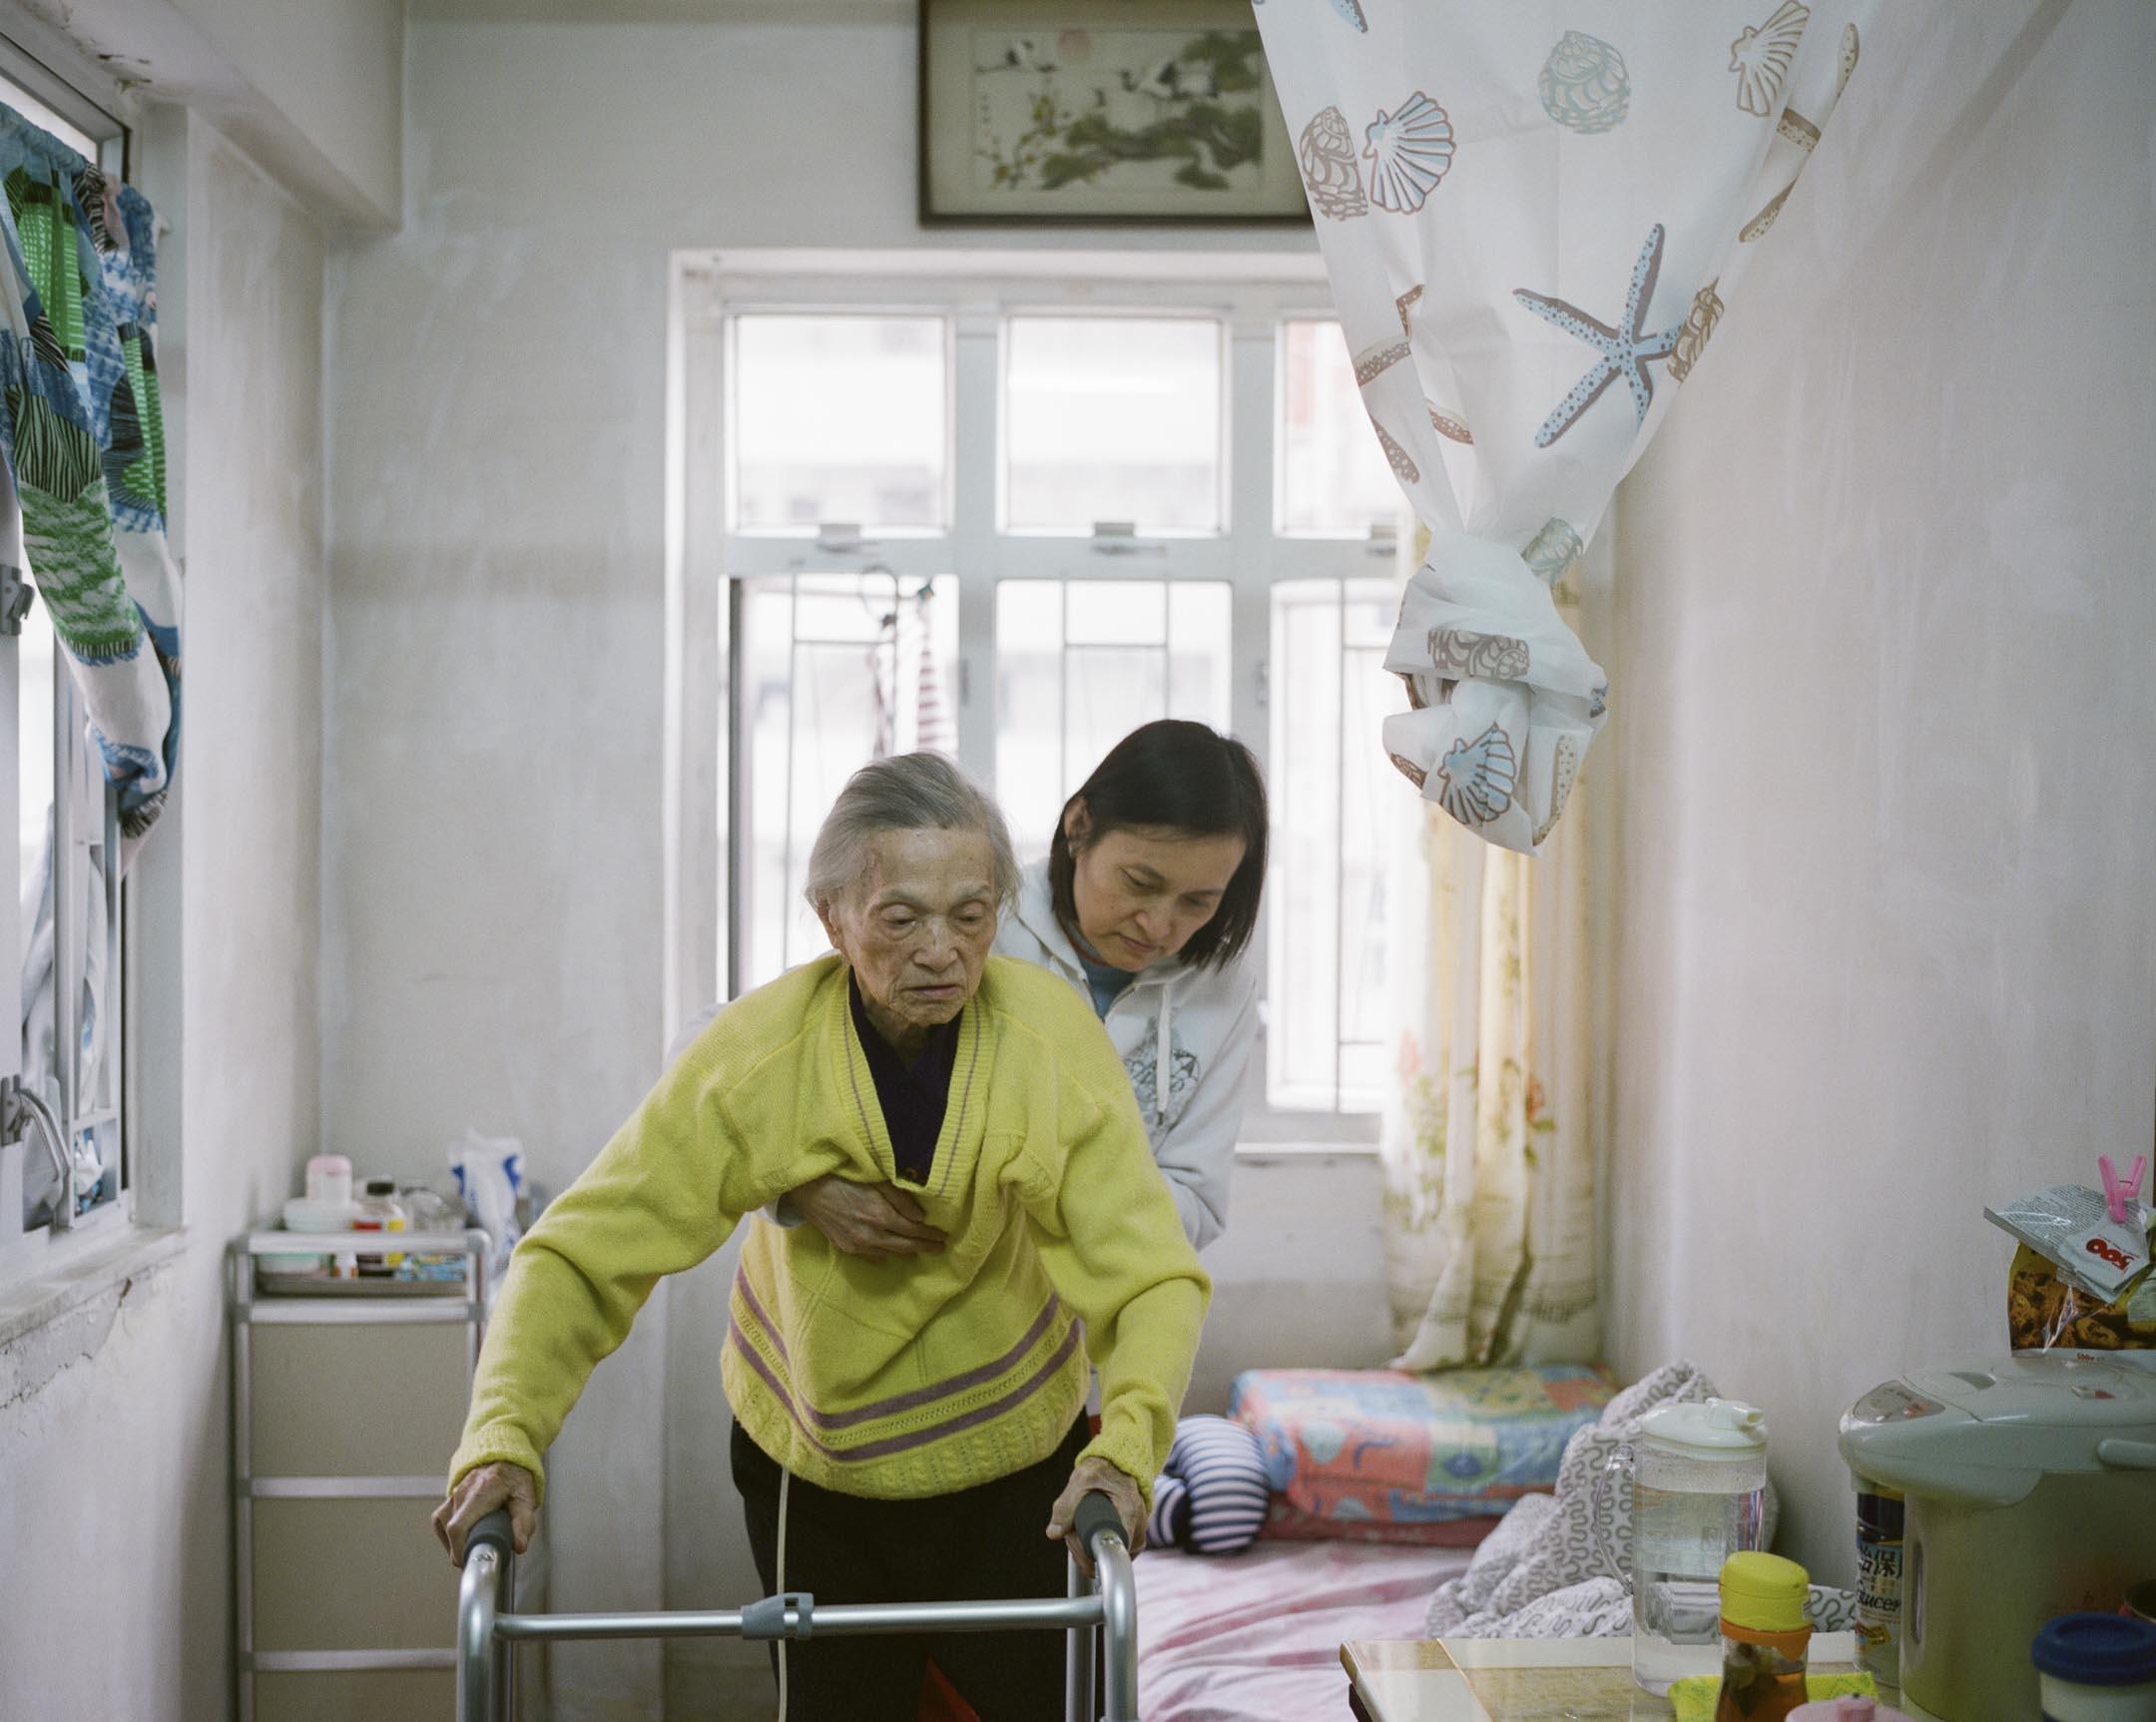 在難堪的重負中,不少家庭選擇了另一條路:將體弱老人交託於有專業照顧的安老院舍。但院舍能安老嗎?許愛玉已經失去信心。 攝:林振東/端傳媒